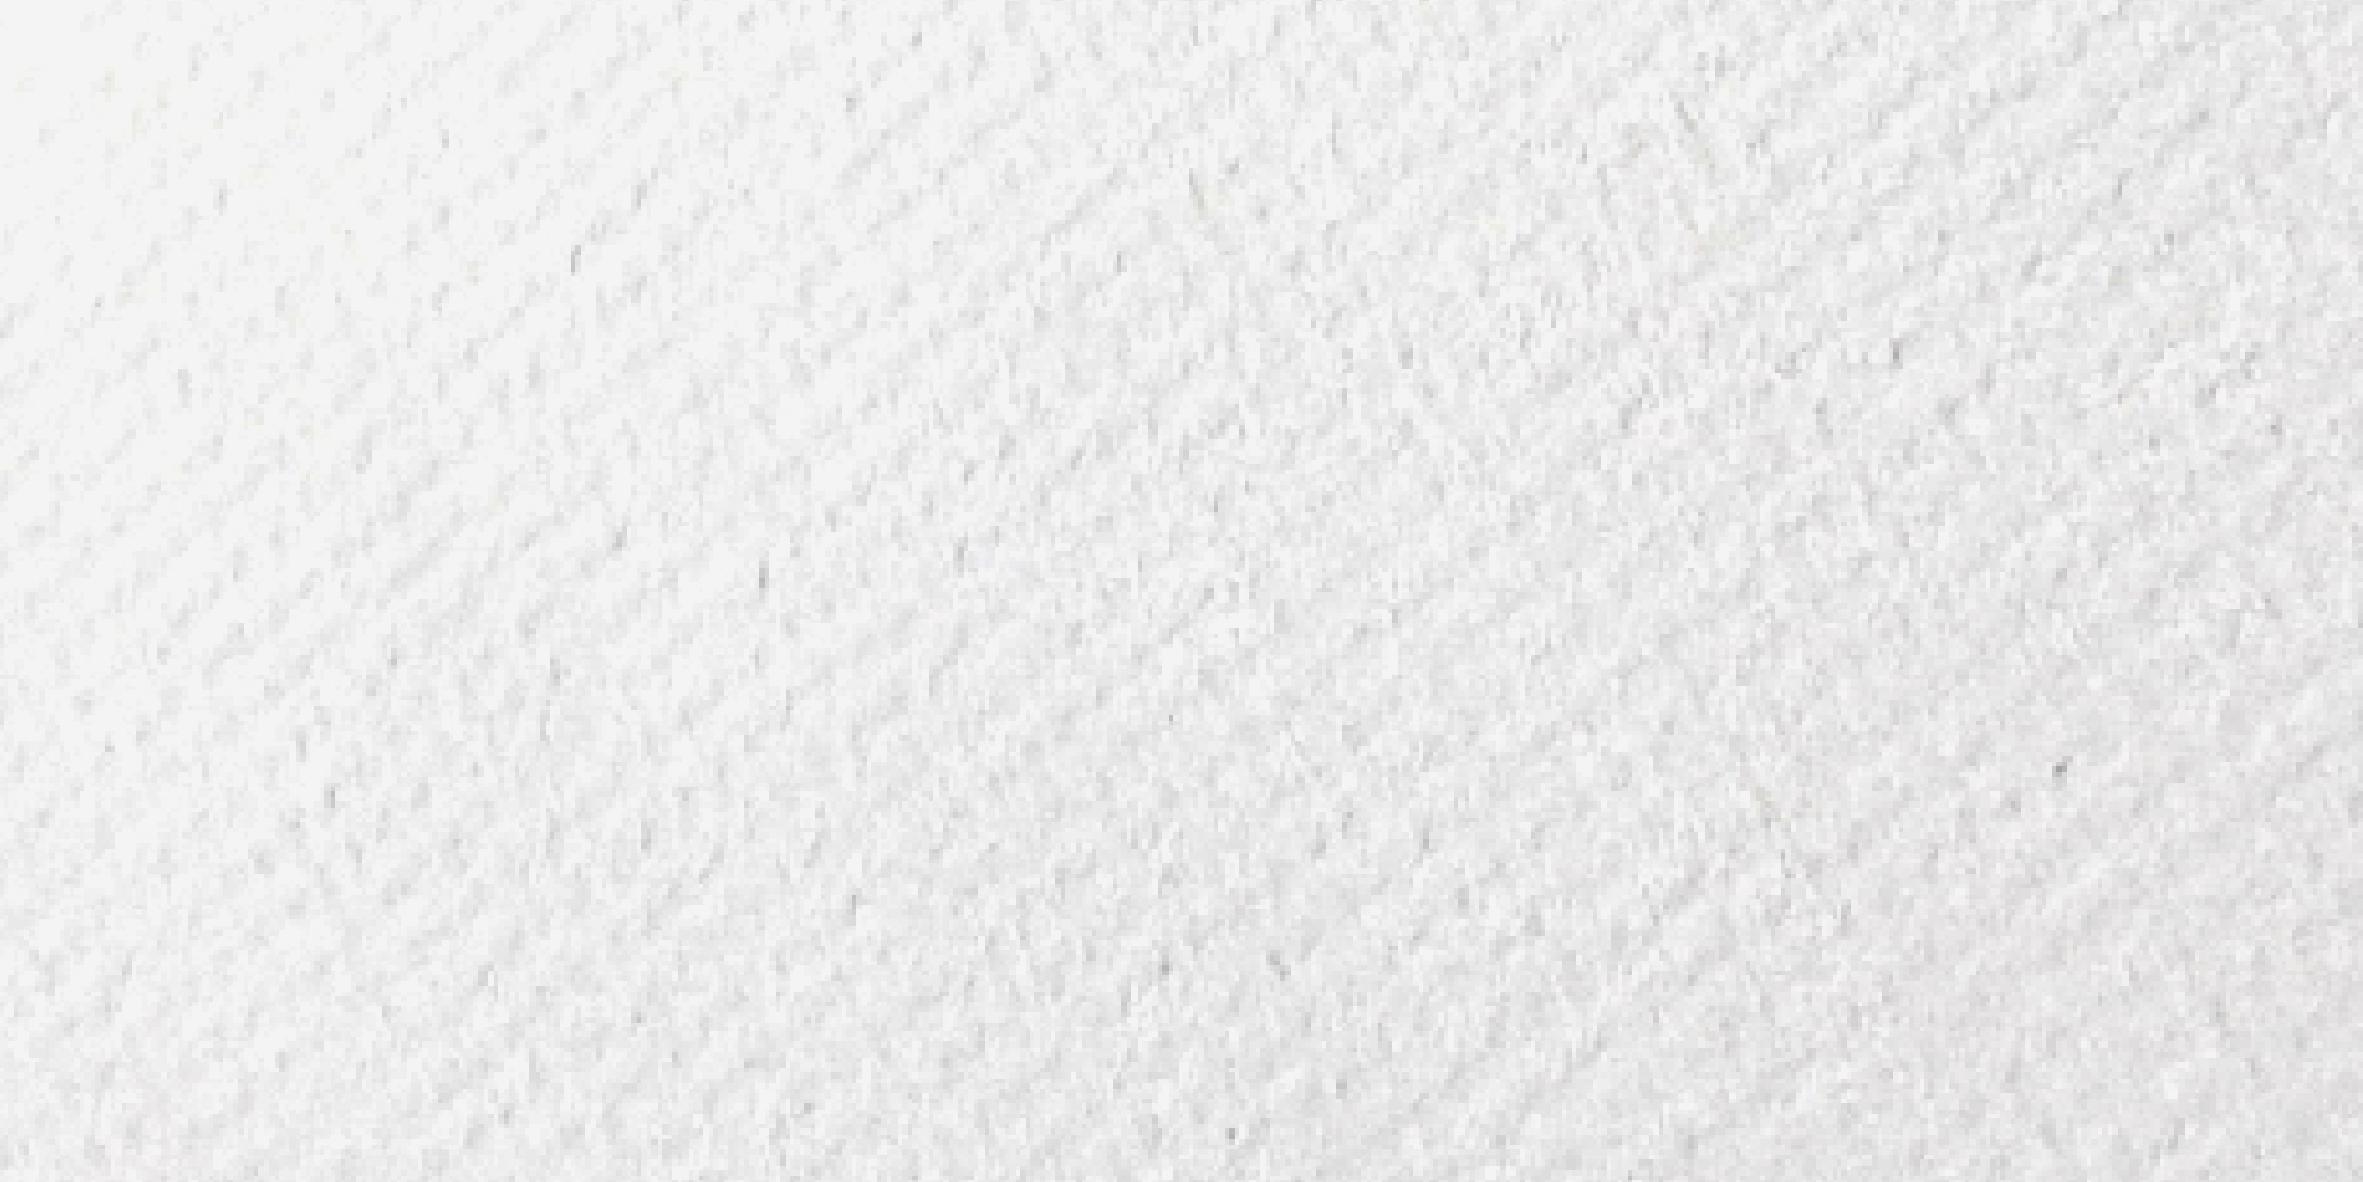 Kunstdruck Aquarell Oxford - 270 g/m²